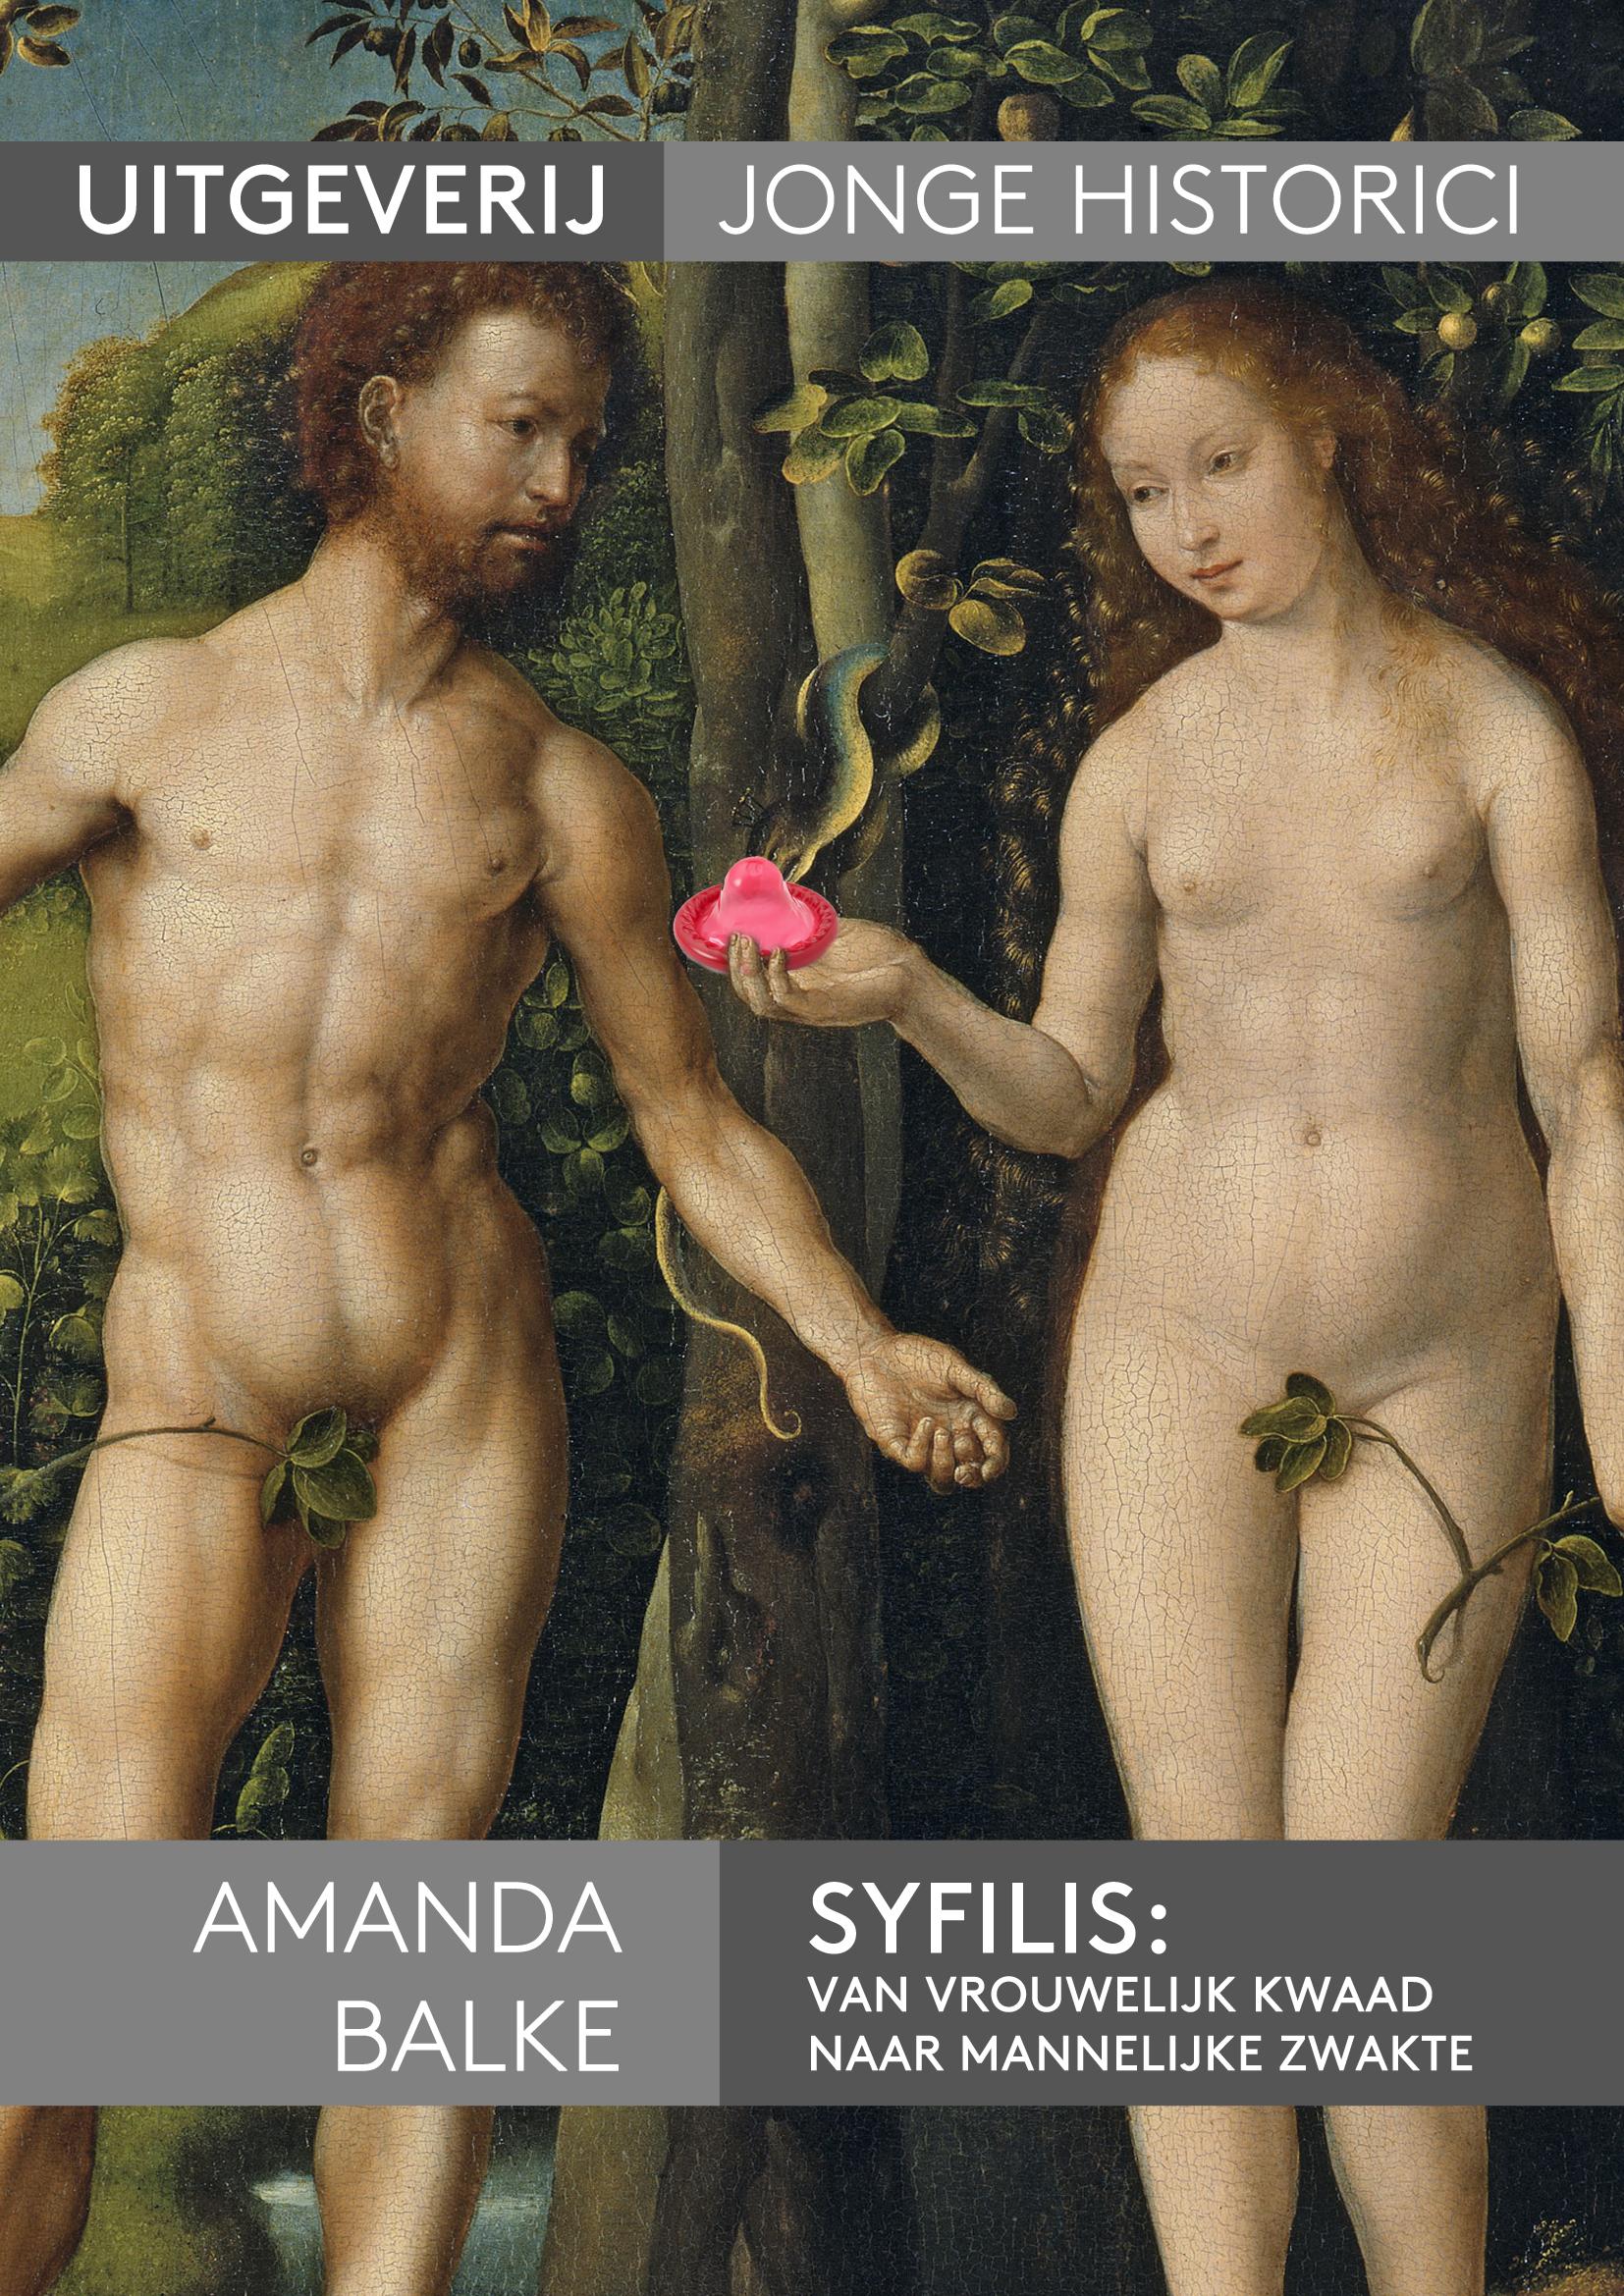 Amanda Balke, Van vrouwelijk kwaad naar mannelijke zwakte. Een analyse van de mentaliteitsverandering ten opzichte van vrouwen met syfilis in Nederland tussen 1850-1940